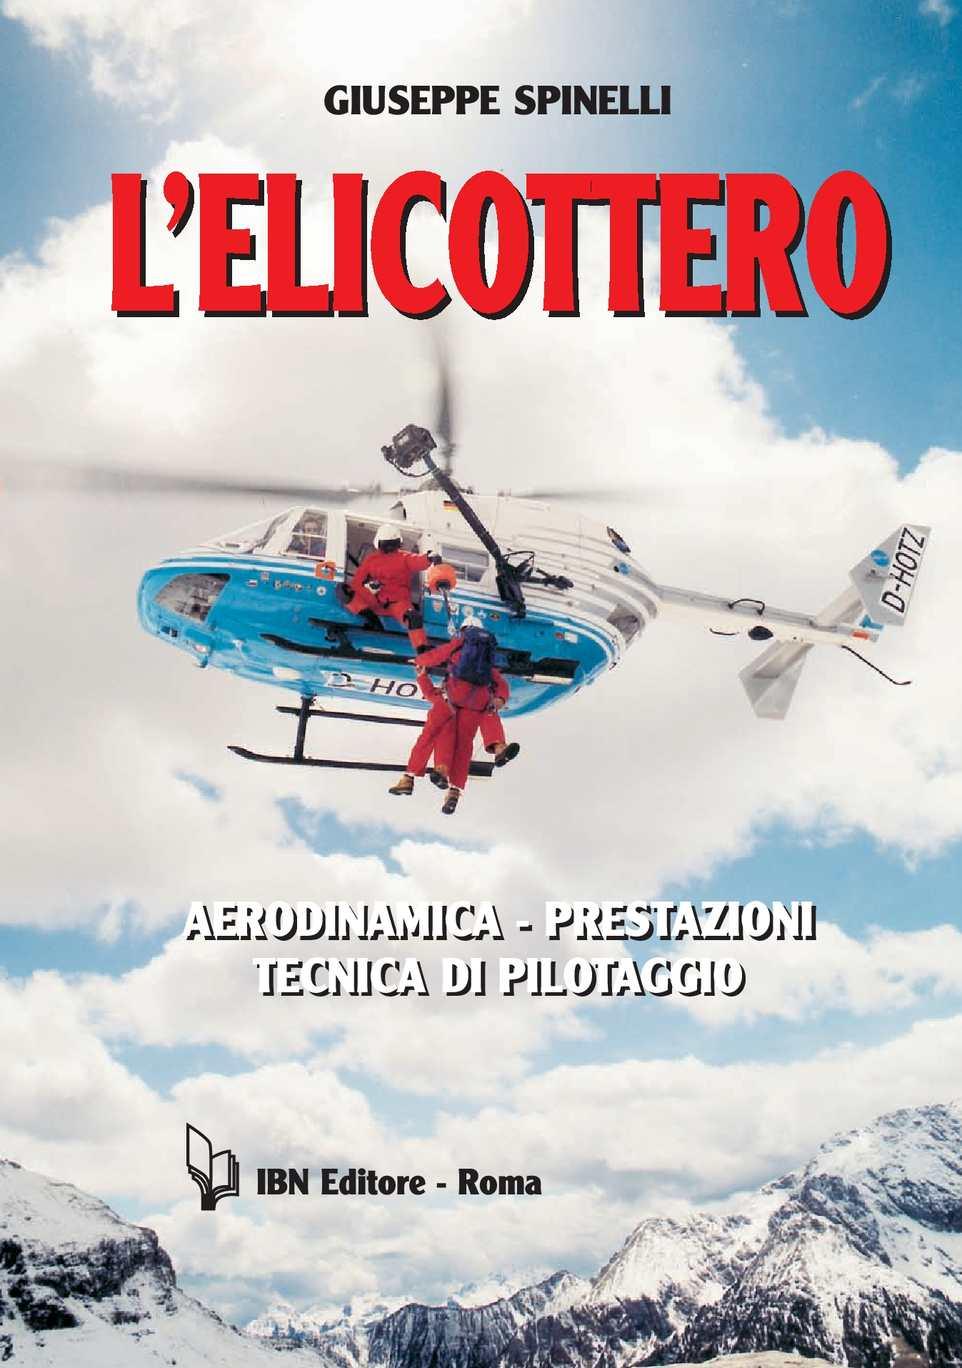 L Elicottero Posizione : Calaméo spinelli g elicottero aerodinamica prestazioni